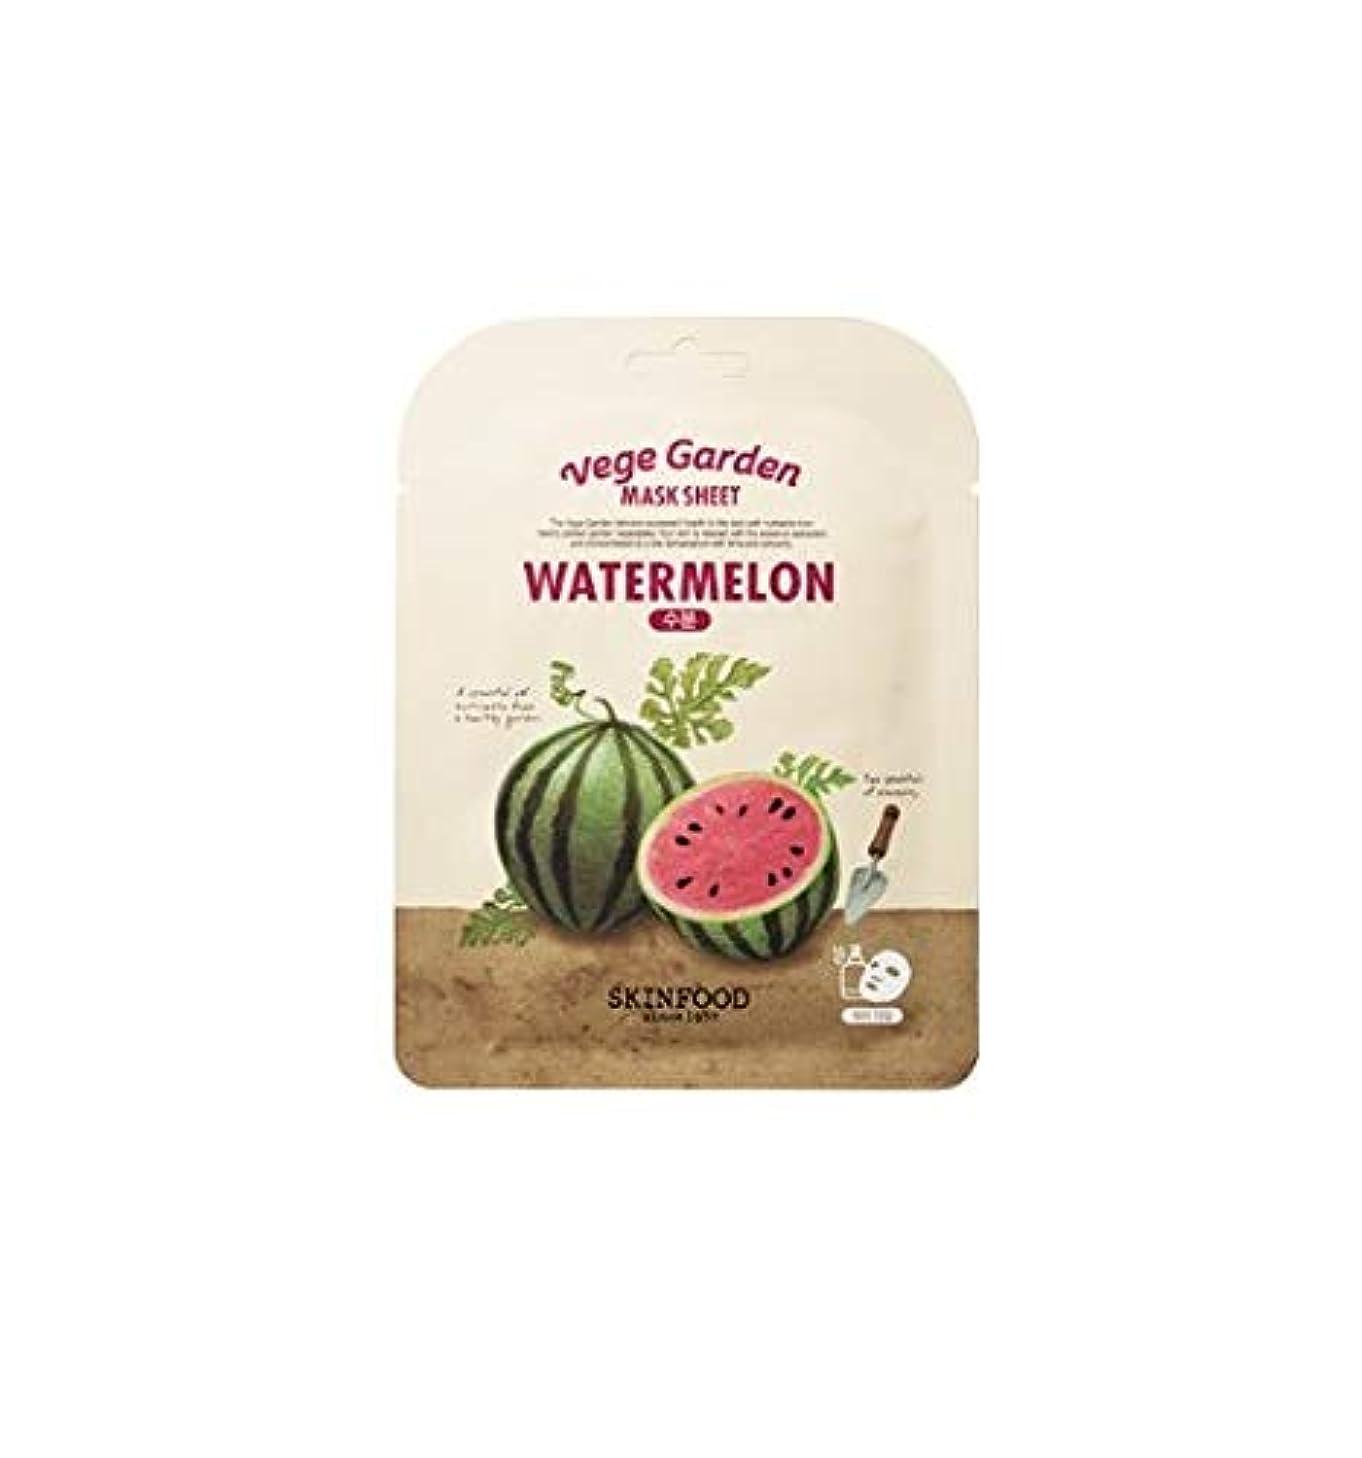 運動患者精査Skinfood ベジガーデンマスクシート#スイカ* 10ea / Vege Garden Mask Sheet # watermelon *10ea 20ml*10 [並行輸入品]